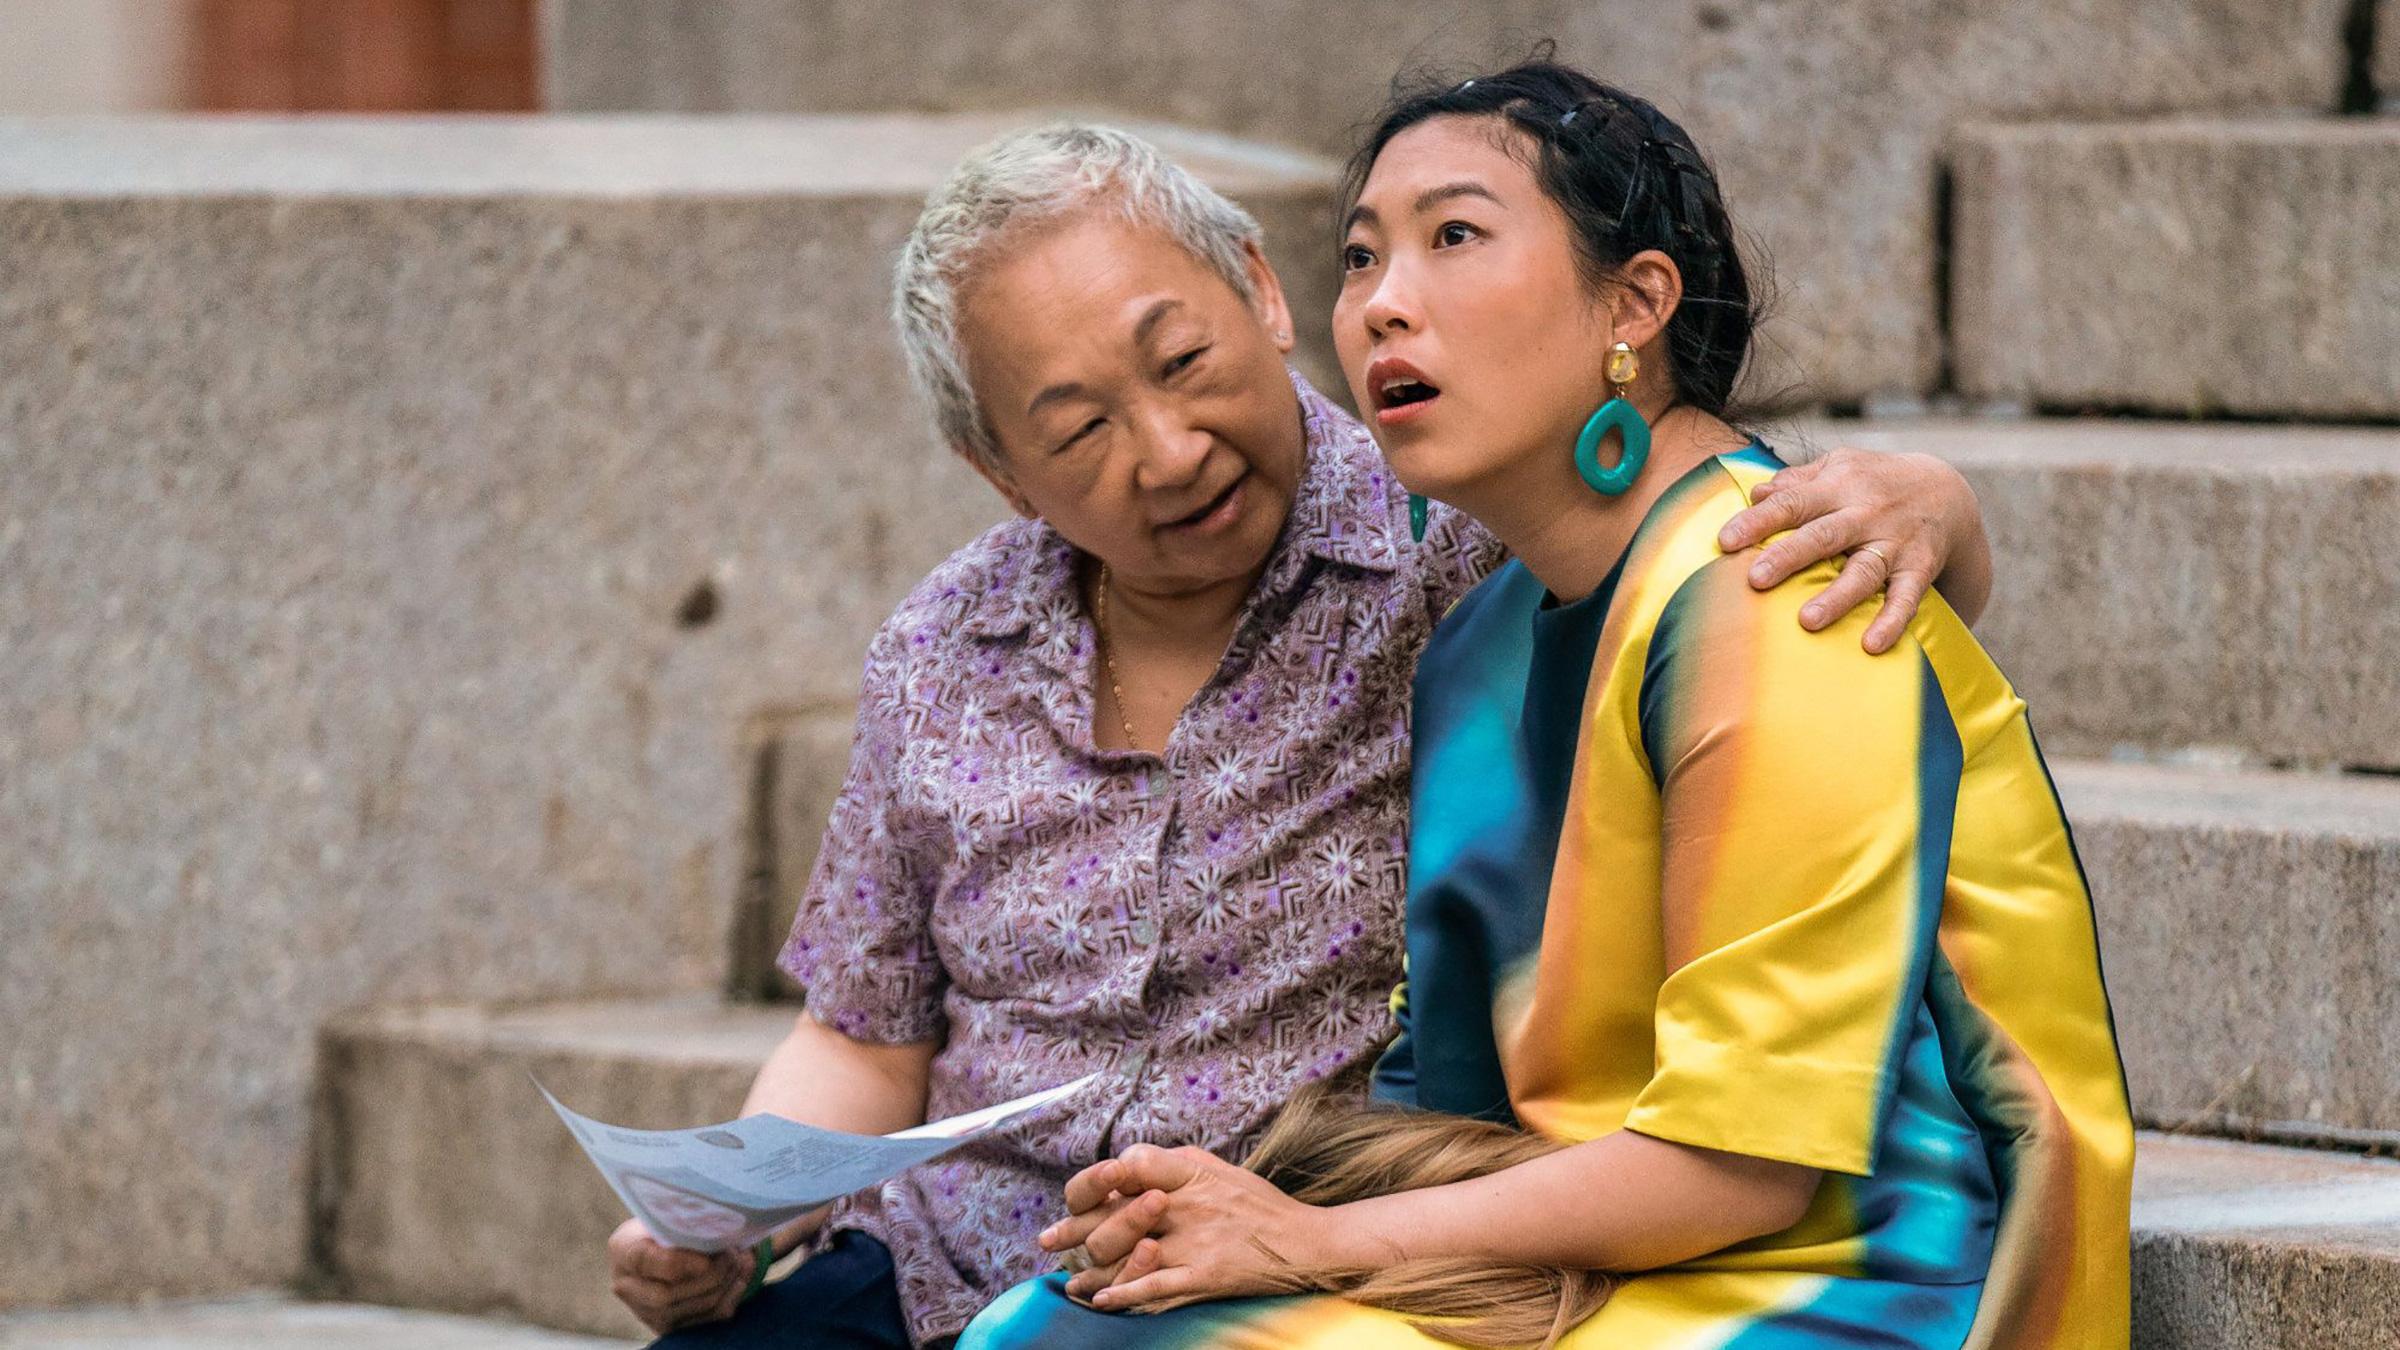 Awkwafina переносит азиатско-американский развлекательный ренессанс на новые высоты в Норе из Квинса thumbnail